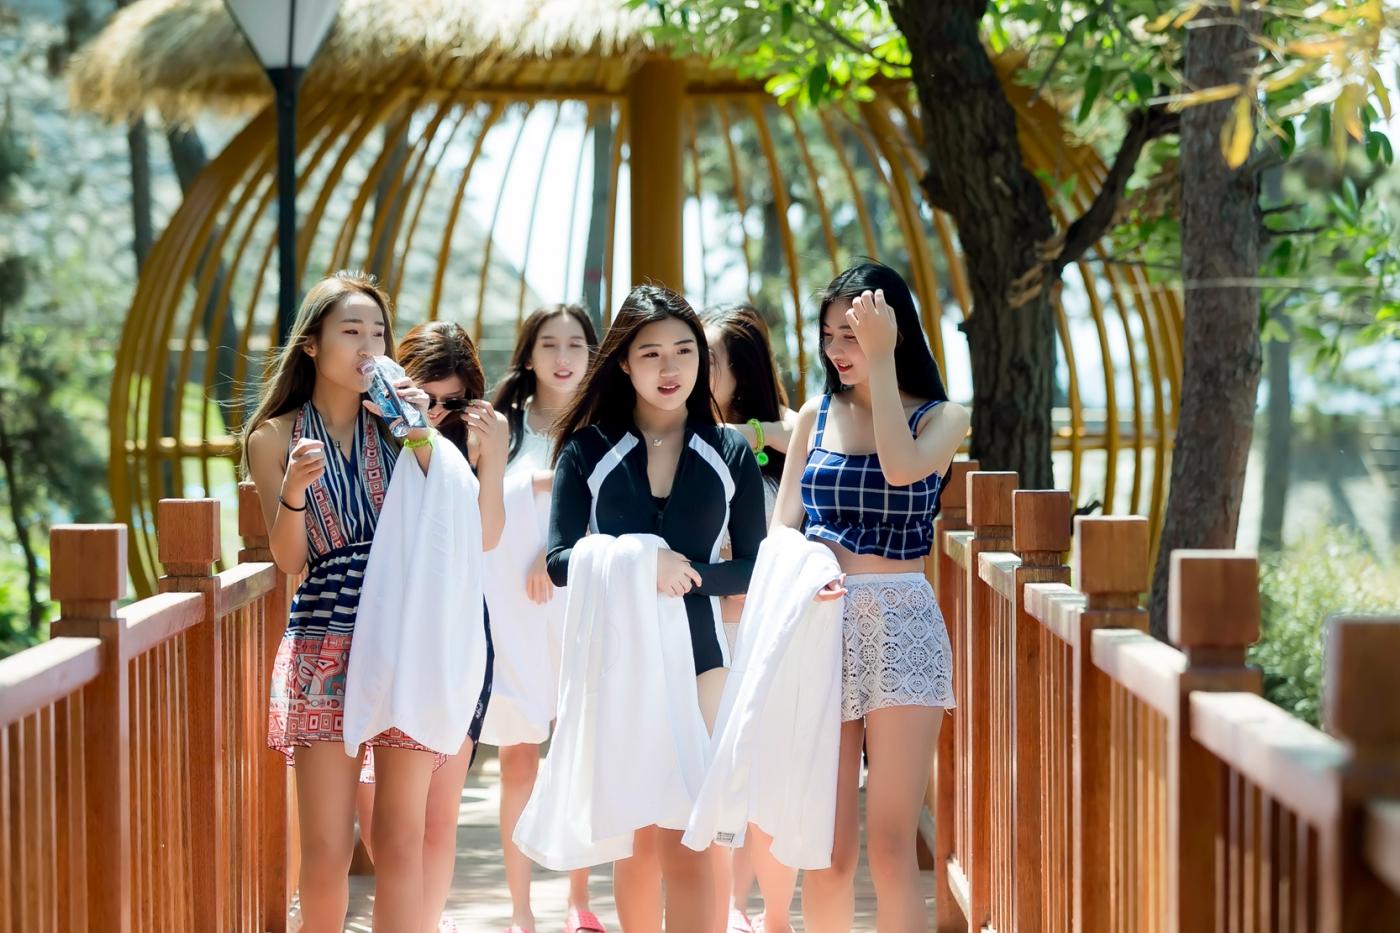 在临沂蒙山康谷温泉 与22位泳装女孩相遇在这里_图1-22